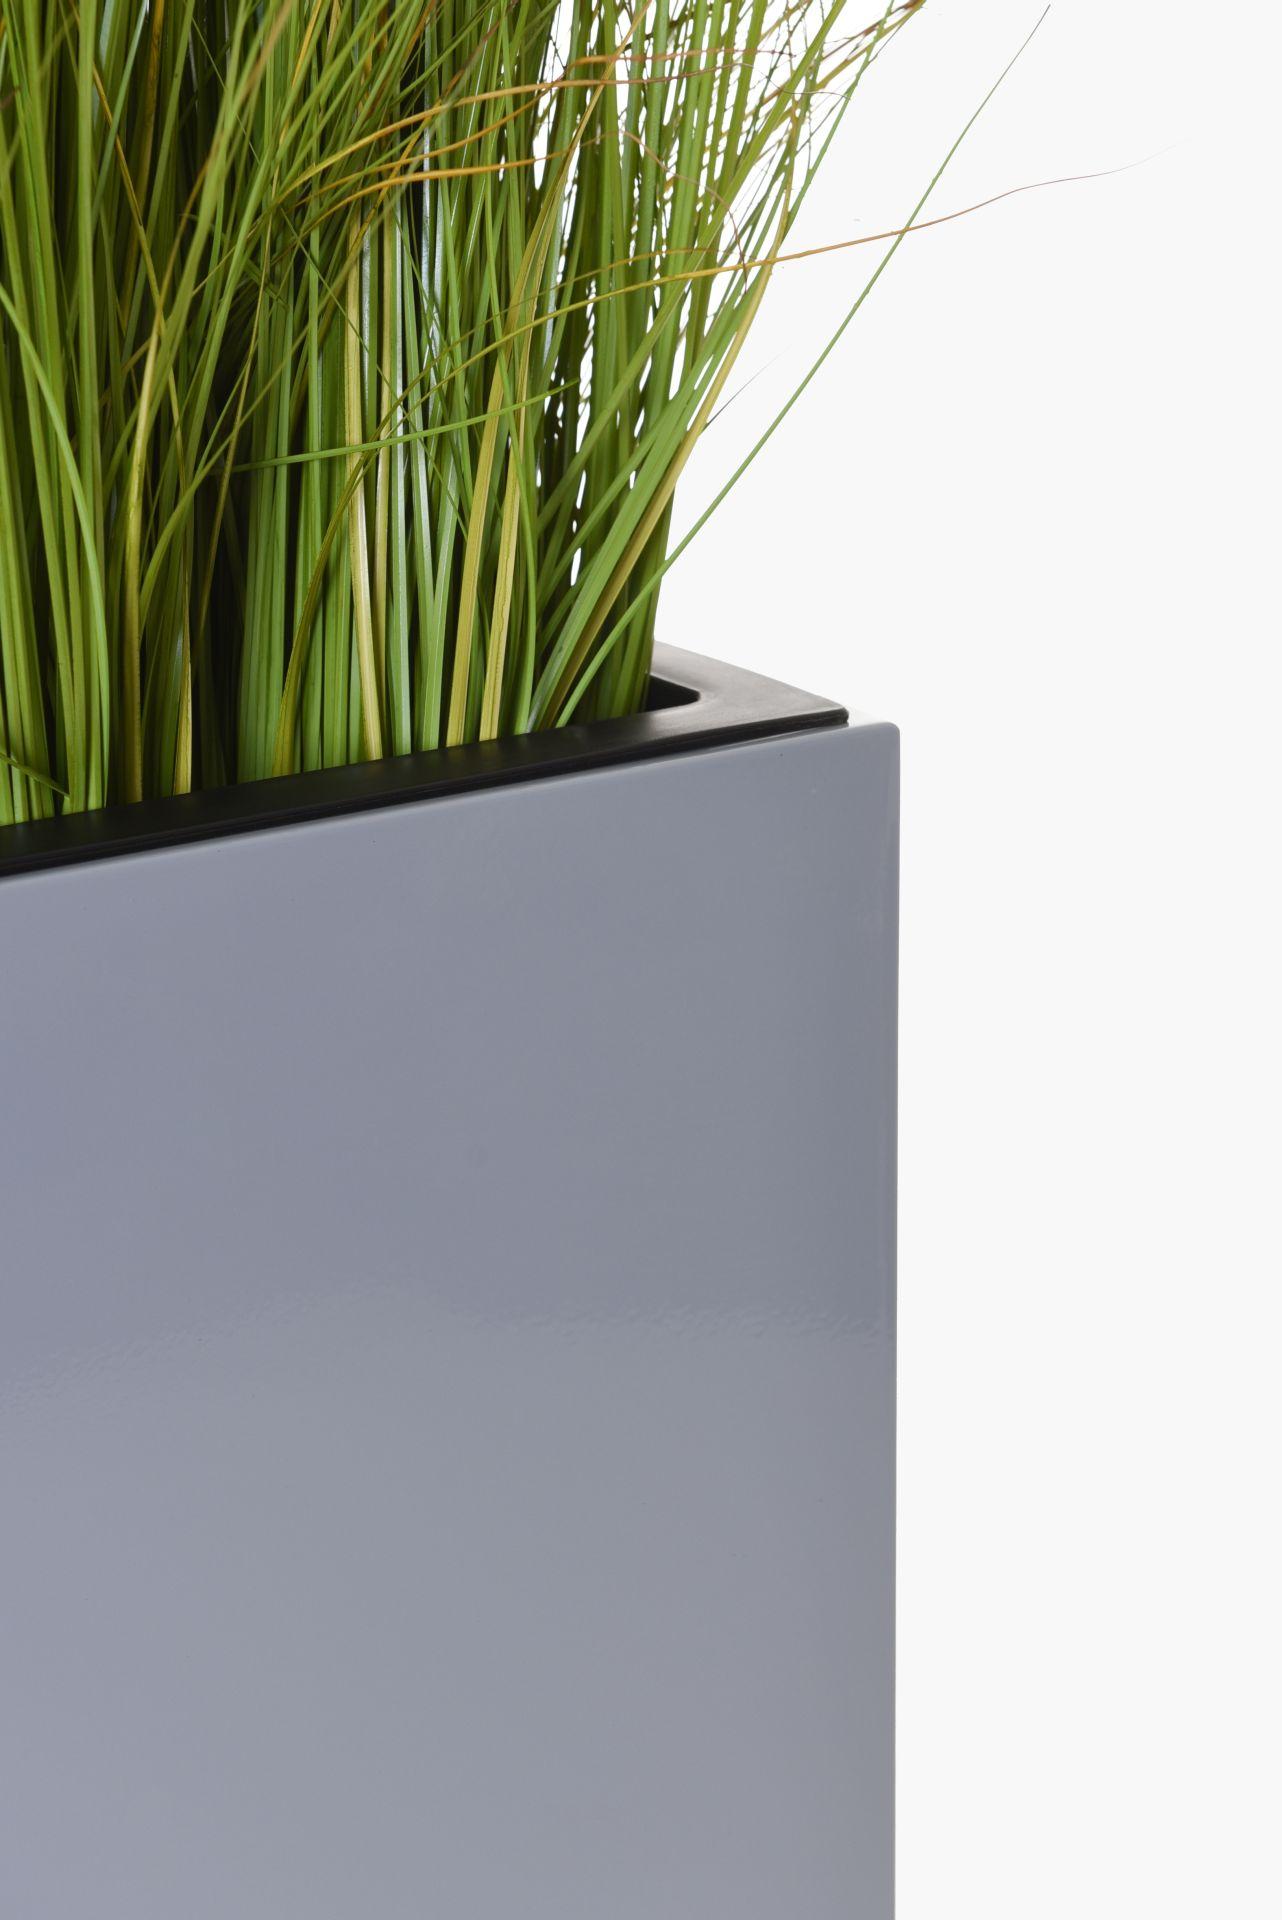 raumteiler mit rollen pulverbesch edelstahl elemento 100x59x30 silbergrau ebay. Black Bedroom Furniture Sets. Home Design Ideas